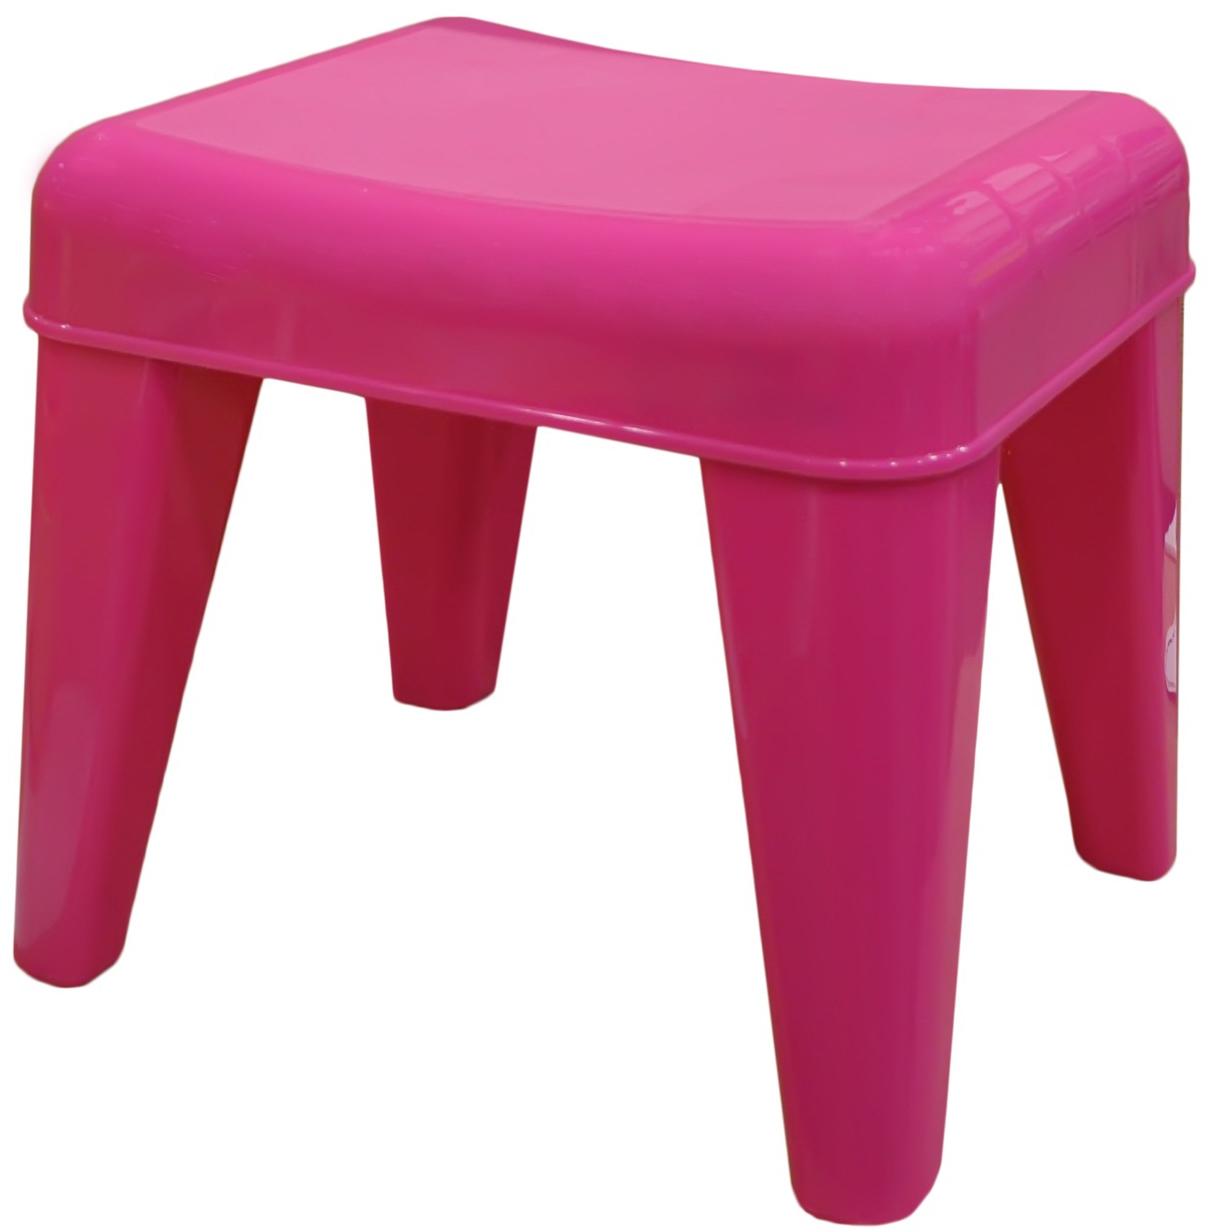 Табурет детский - Я расту, розовыйИгровые столы и стулья<br>Табурет детский - Я расту, розовый<br>